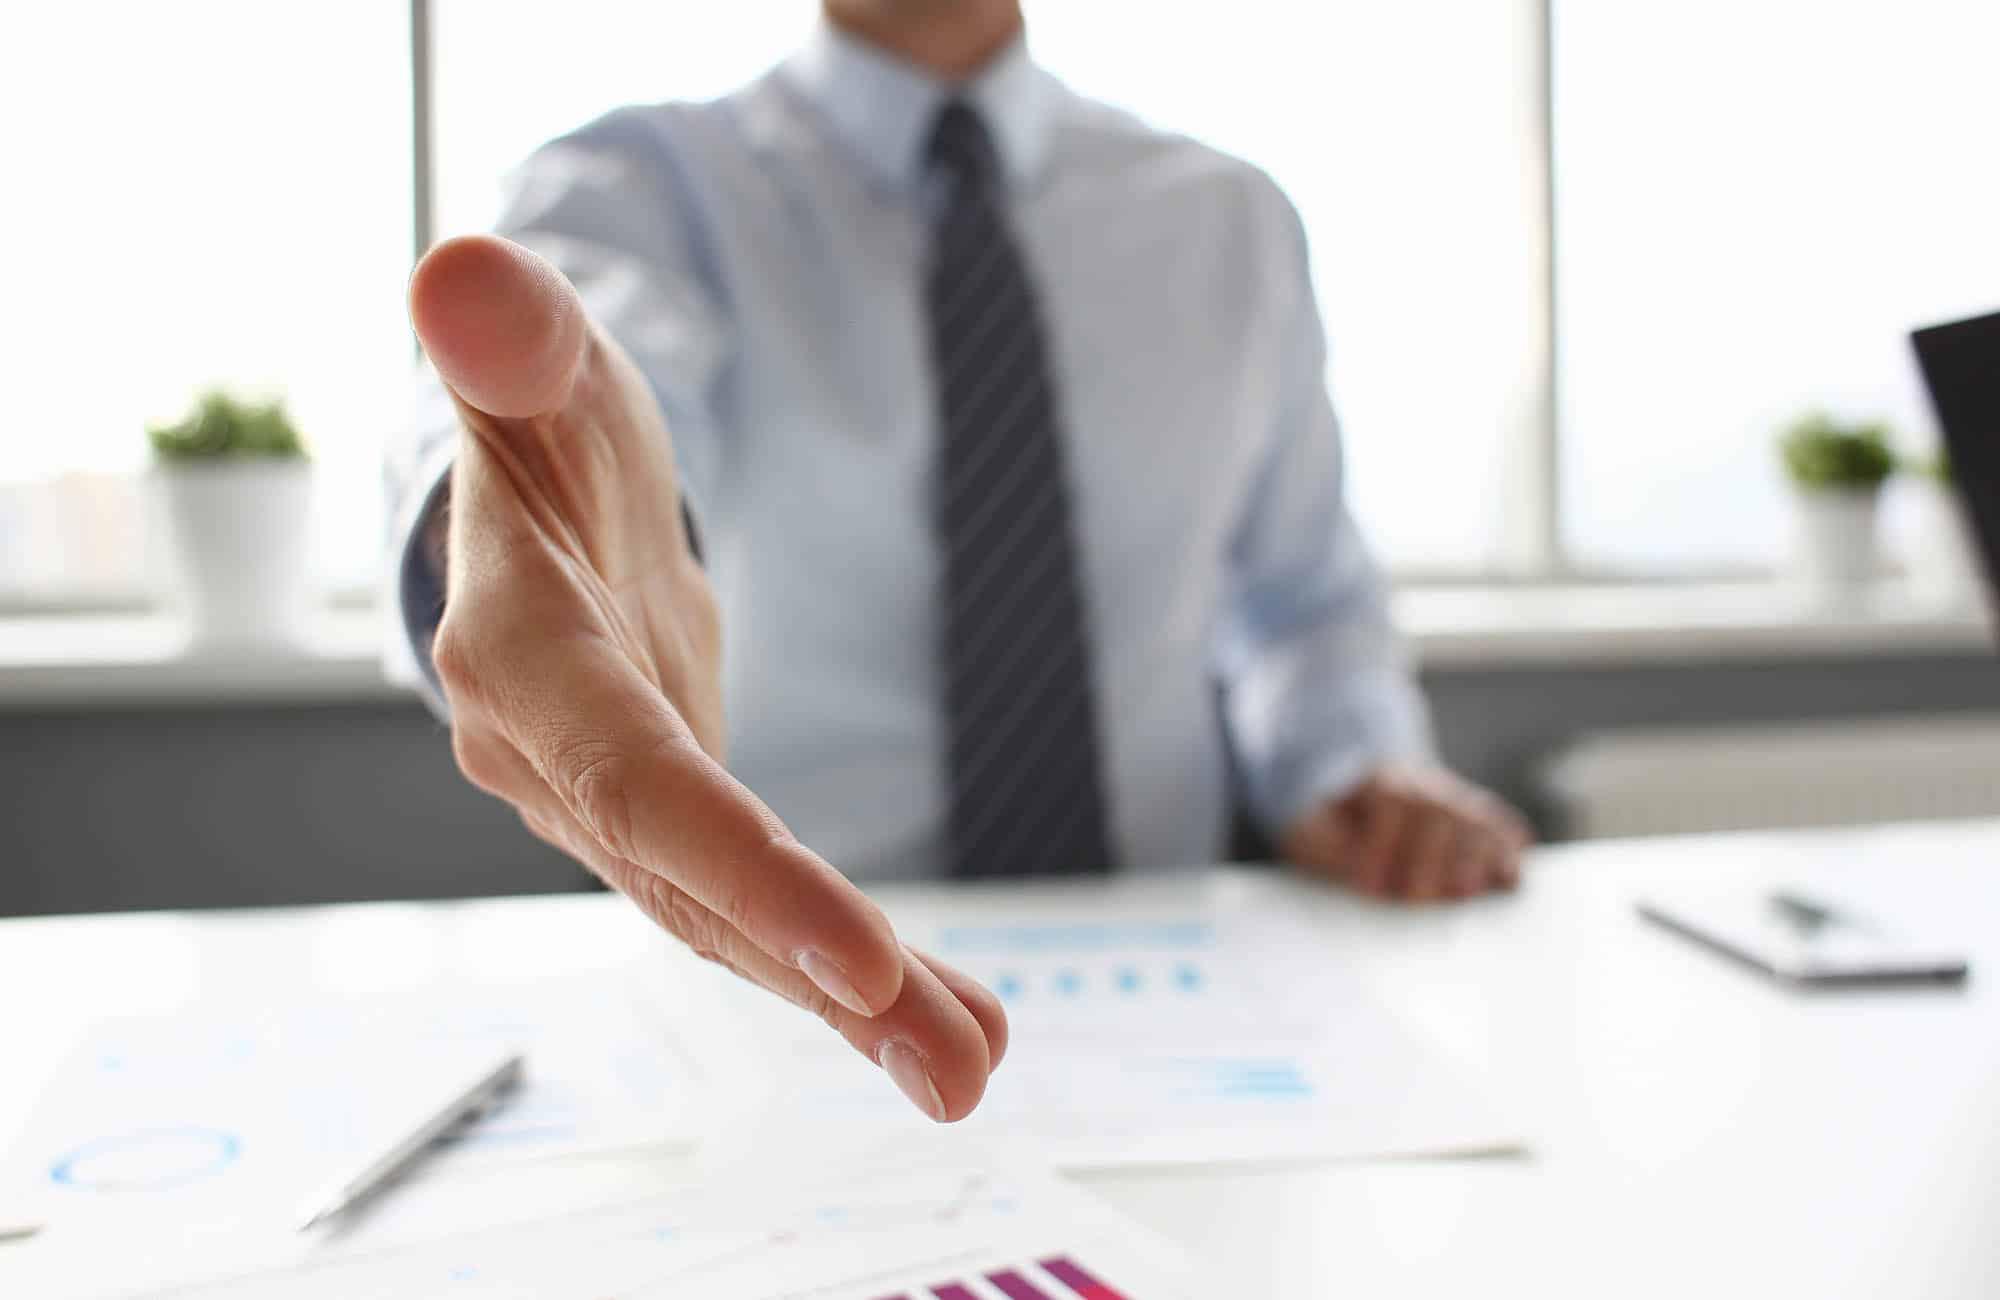 למה כדאי להוסיף תניית בוררות להסכם?